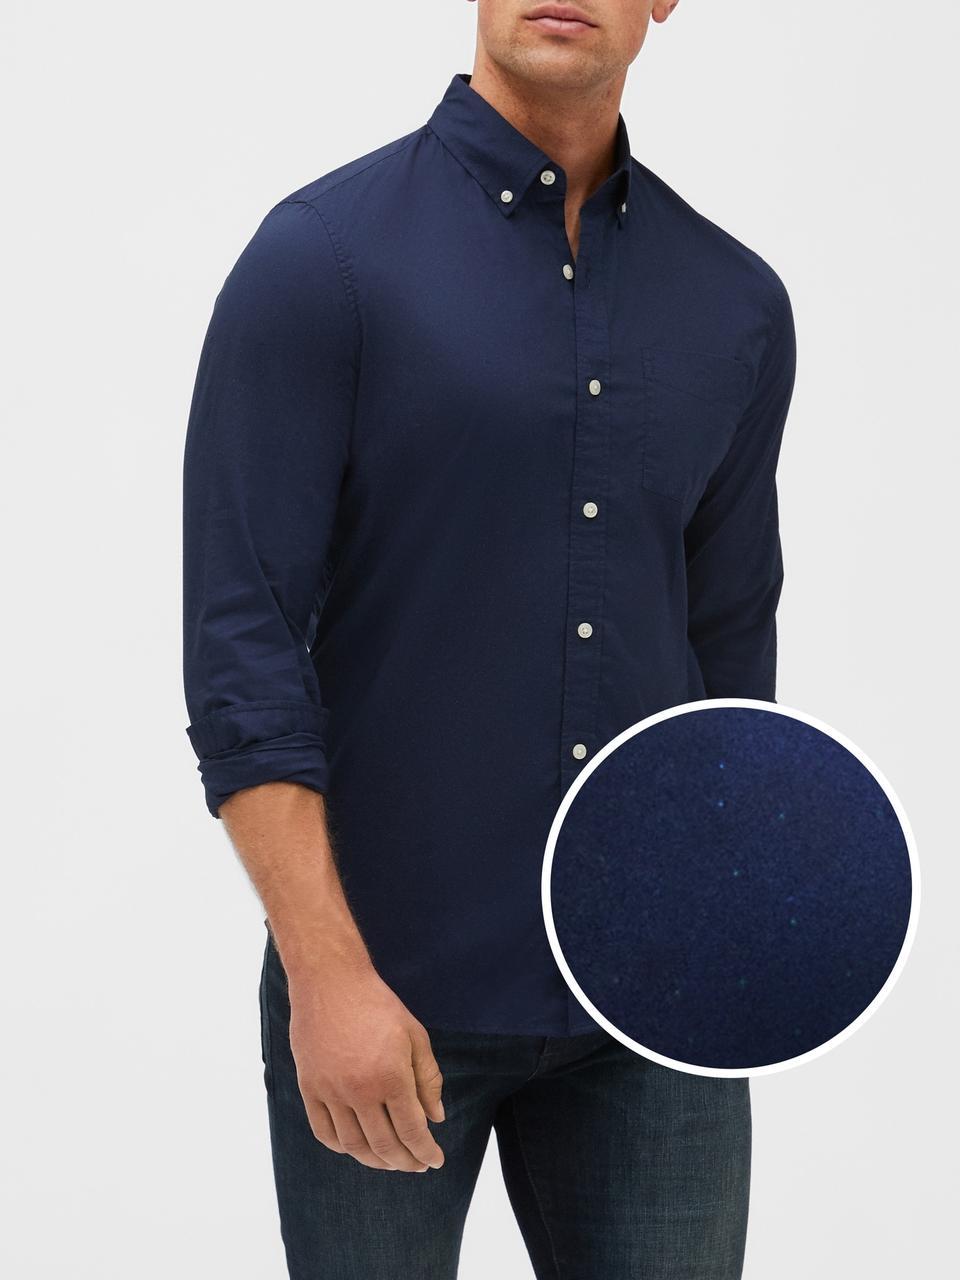 Мужская рубашка в горох GAP art584525 (Синий, размер XS)